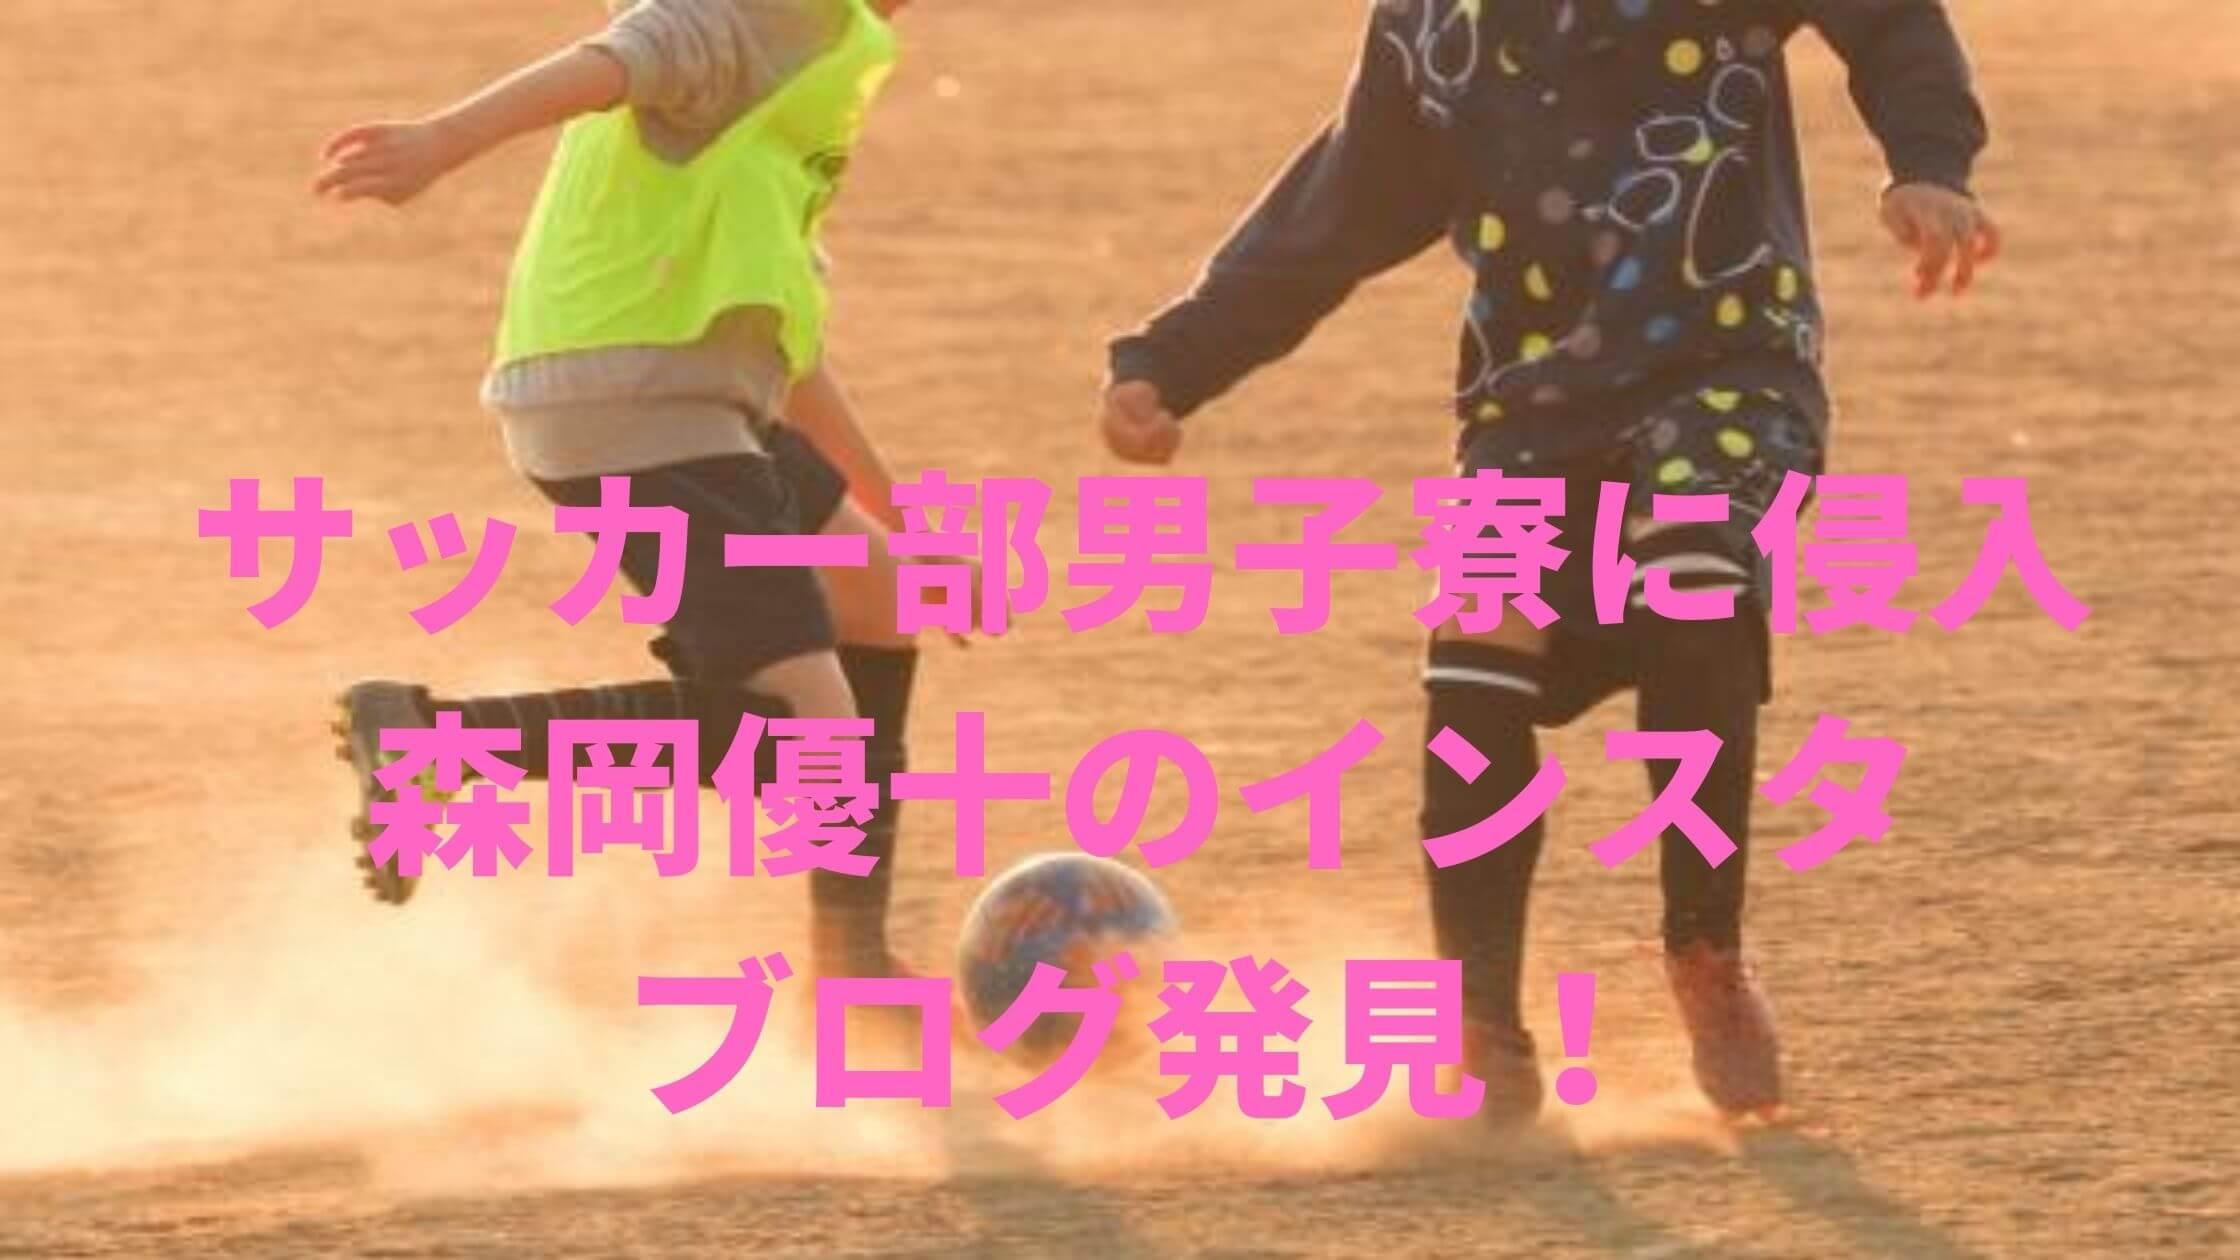 森岡優十 ブログ インスタ